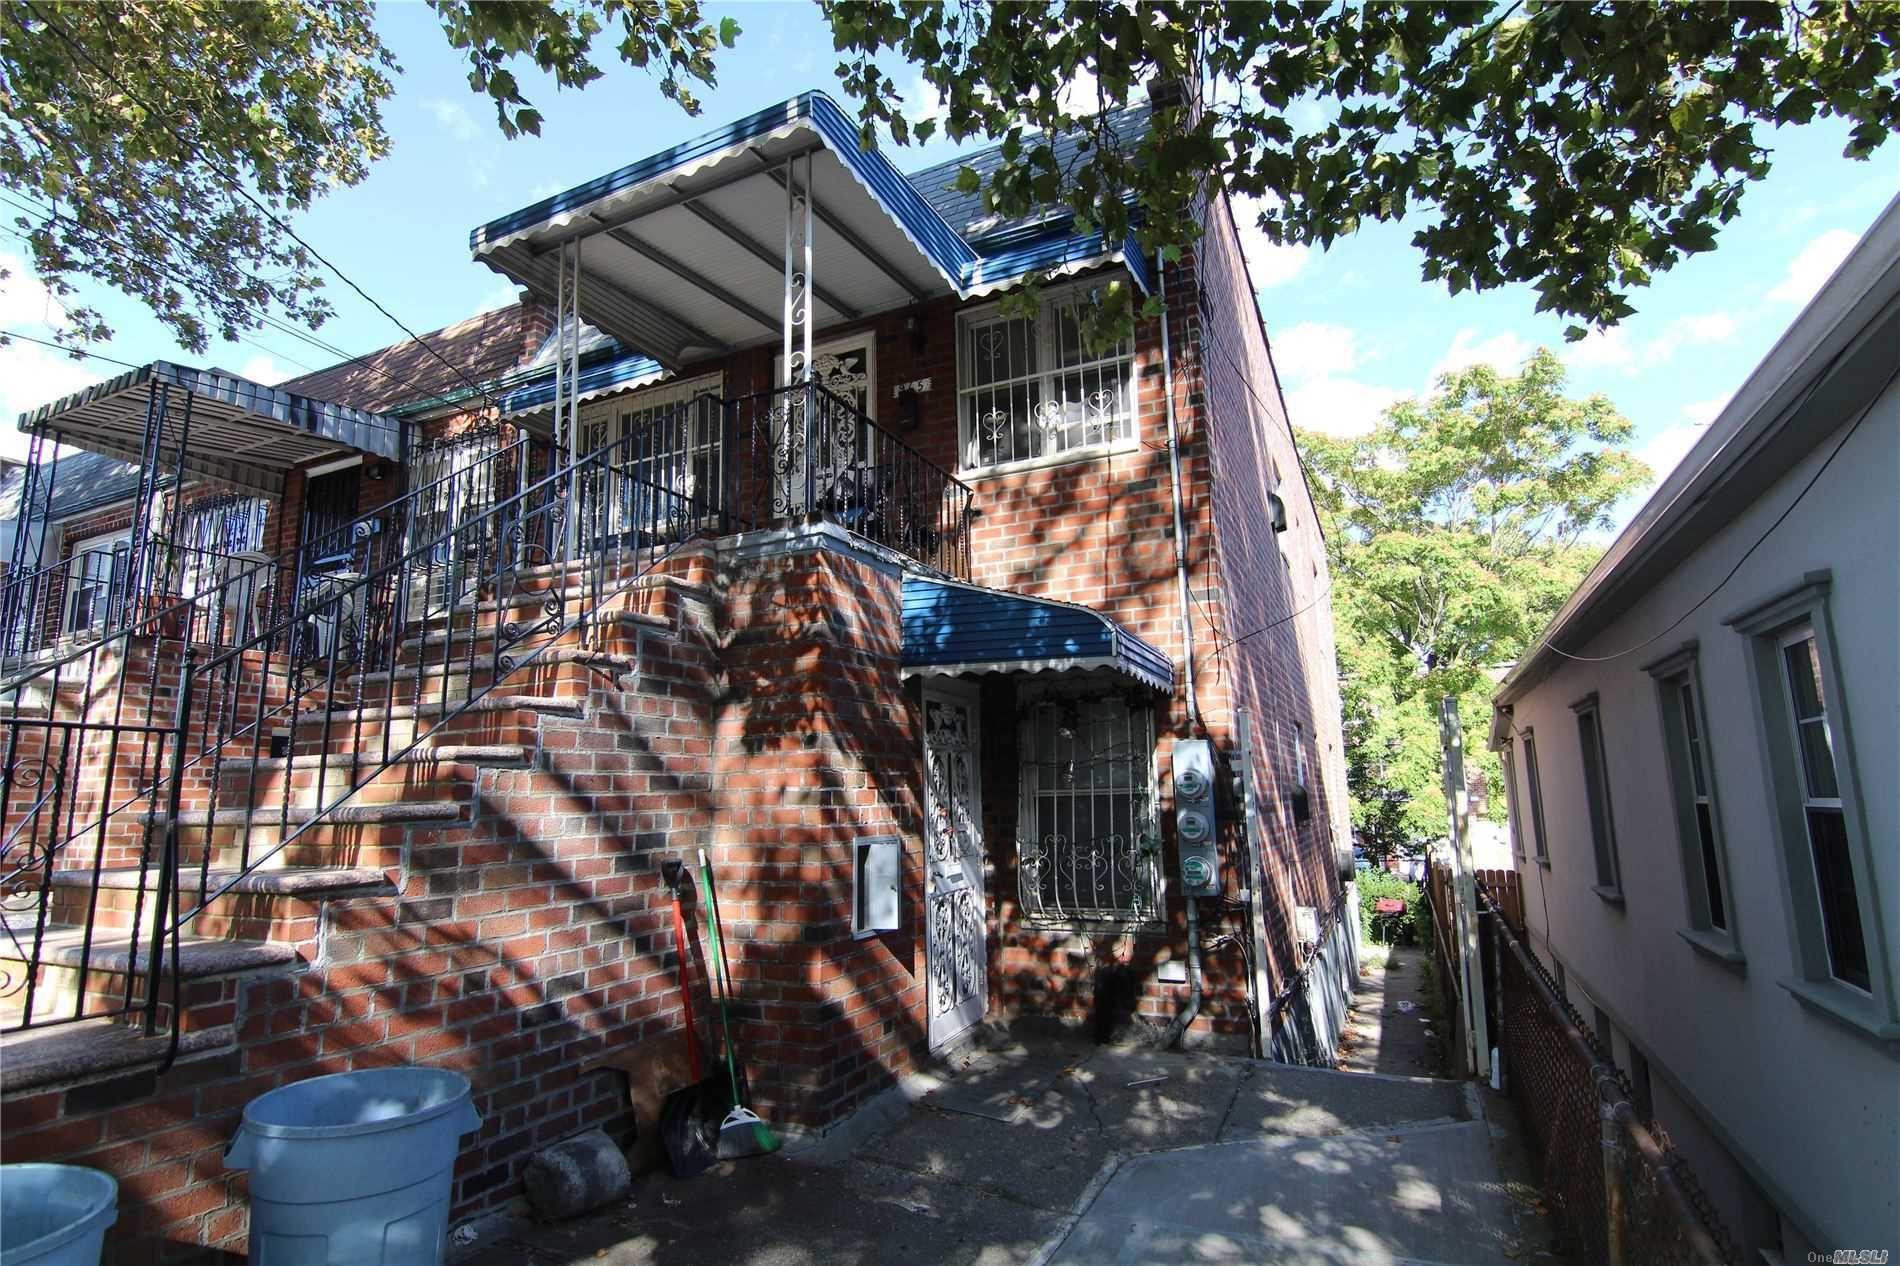 965 E 56th St, Flatlands, NY 11234 - MLS#: 3213905